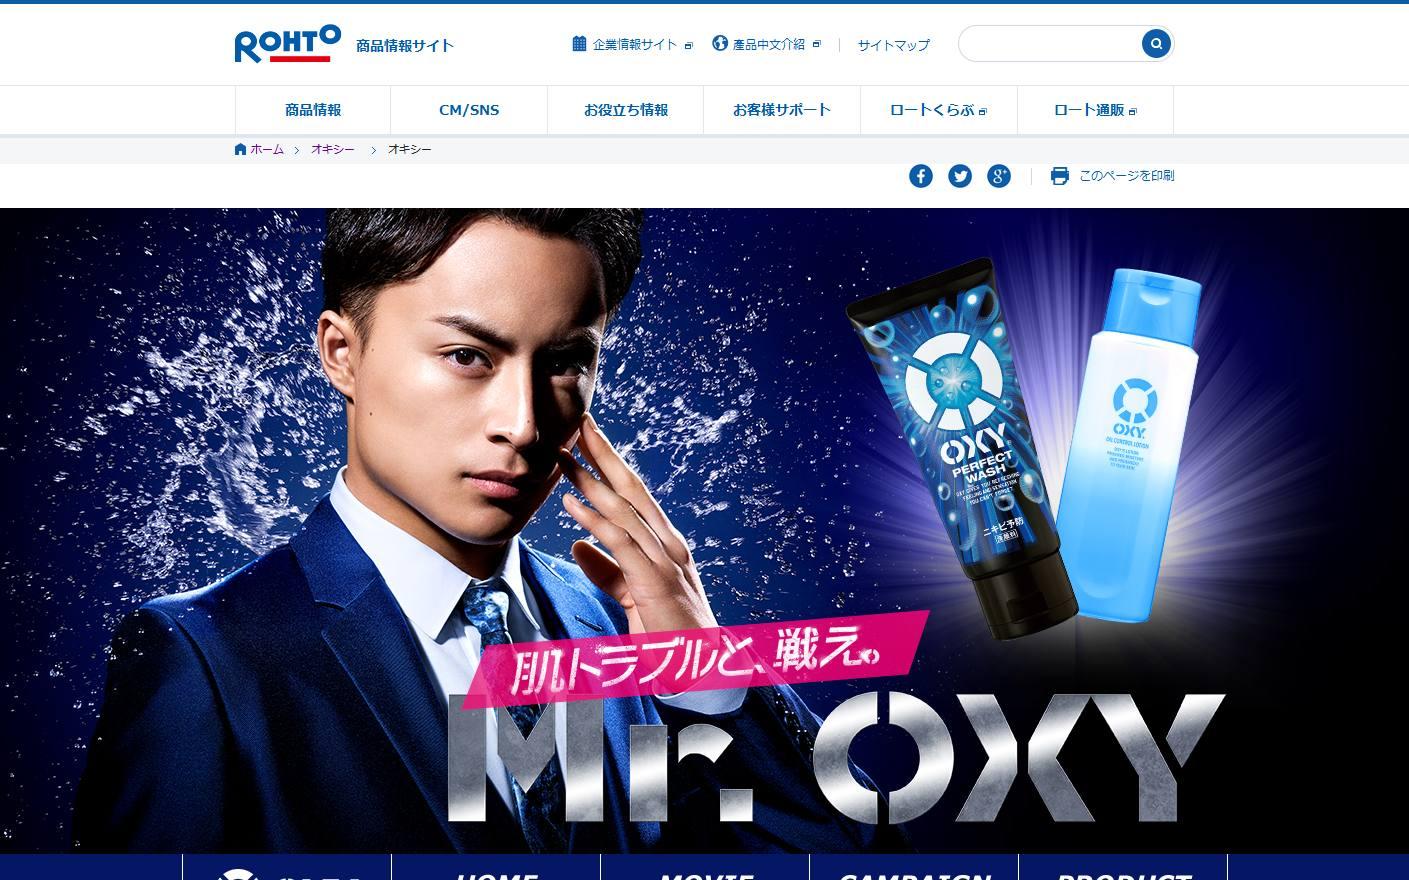 オキシー  ロート製薬- 商品情報サイト